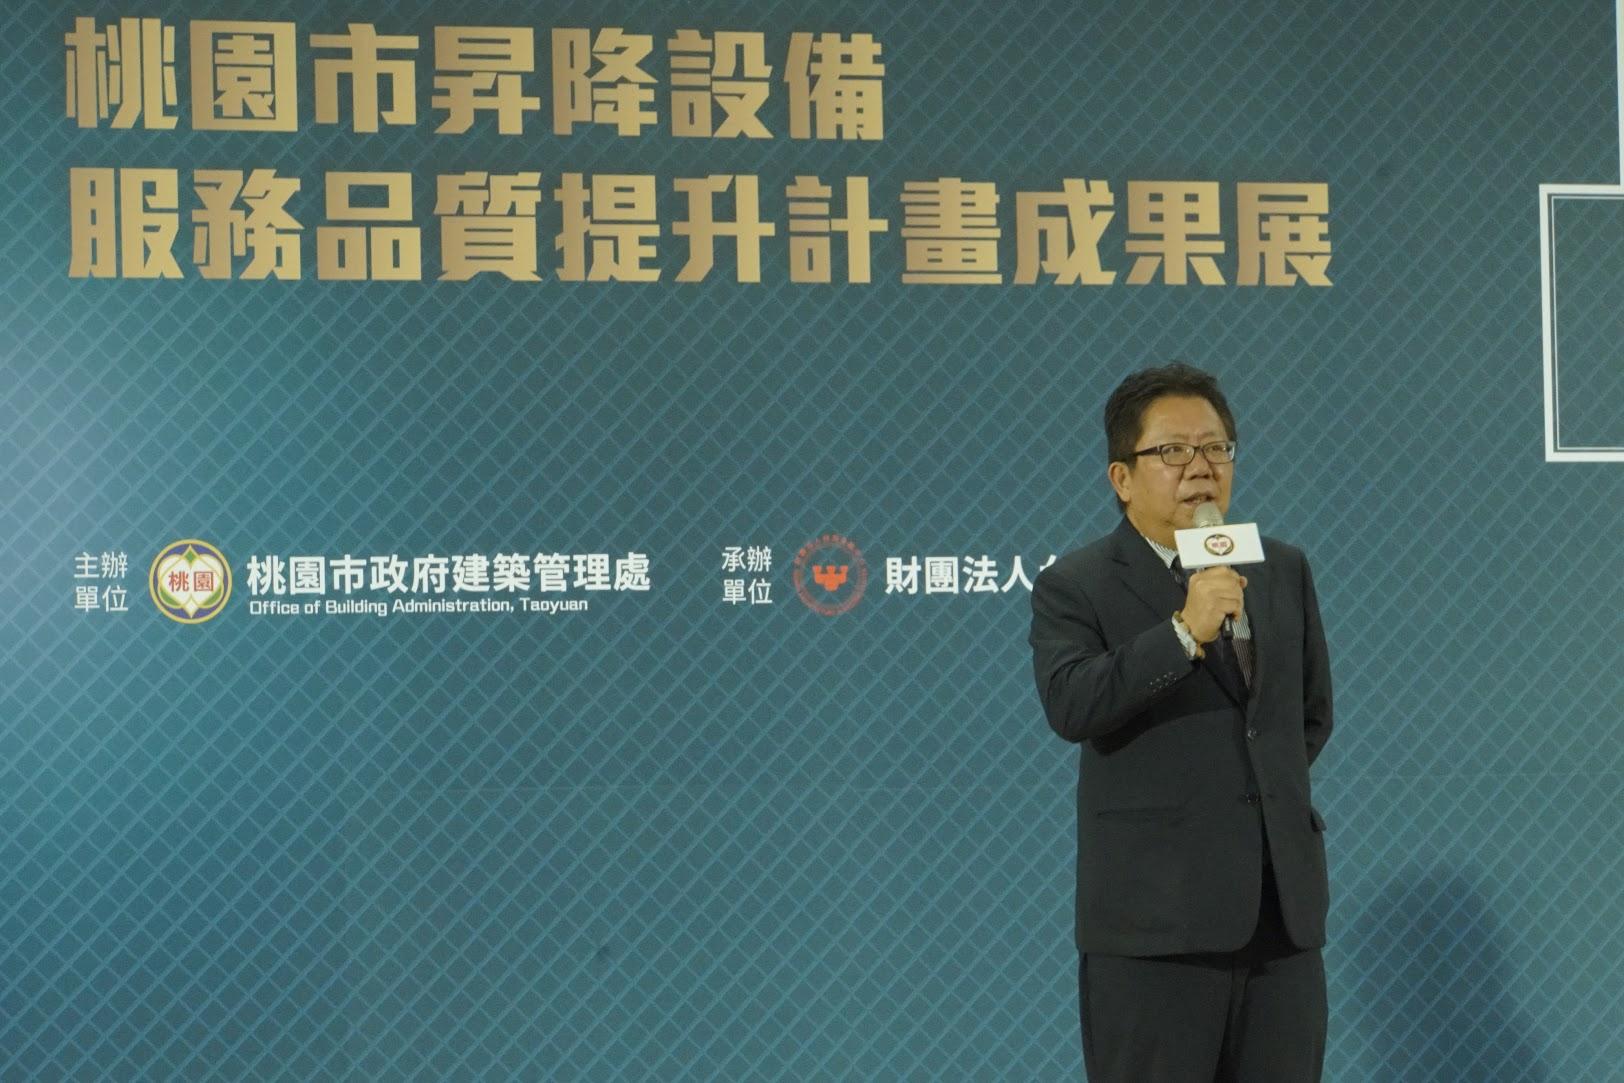 圖3-財團法人台灣建築中心執行長許世杰致詞.jpeg